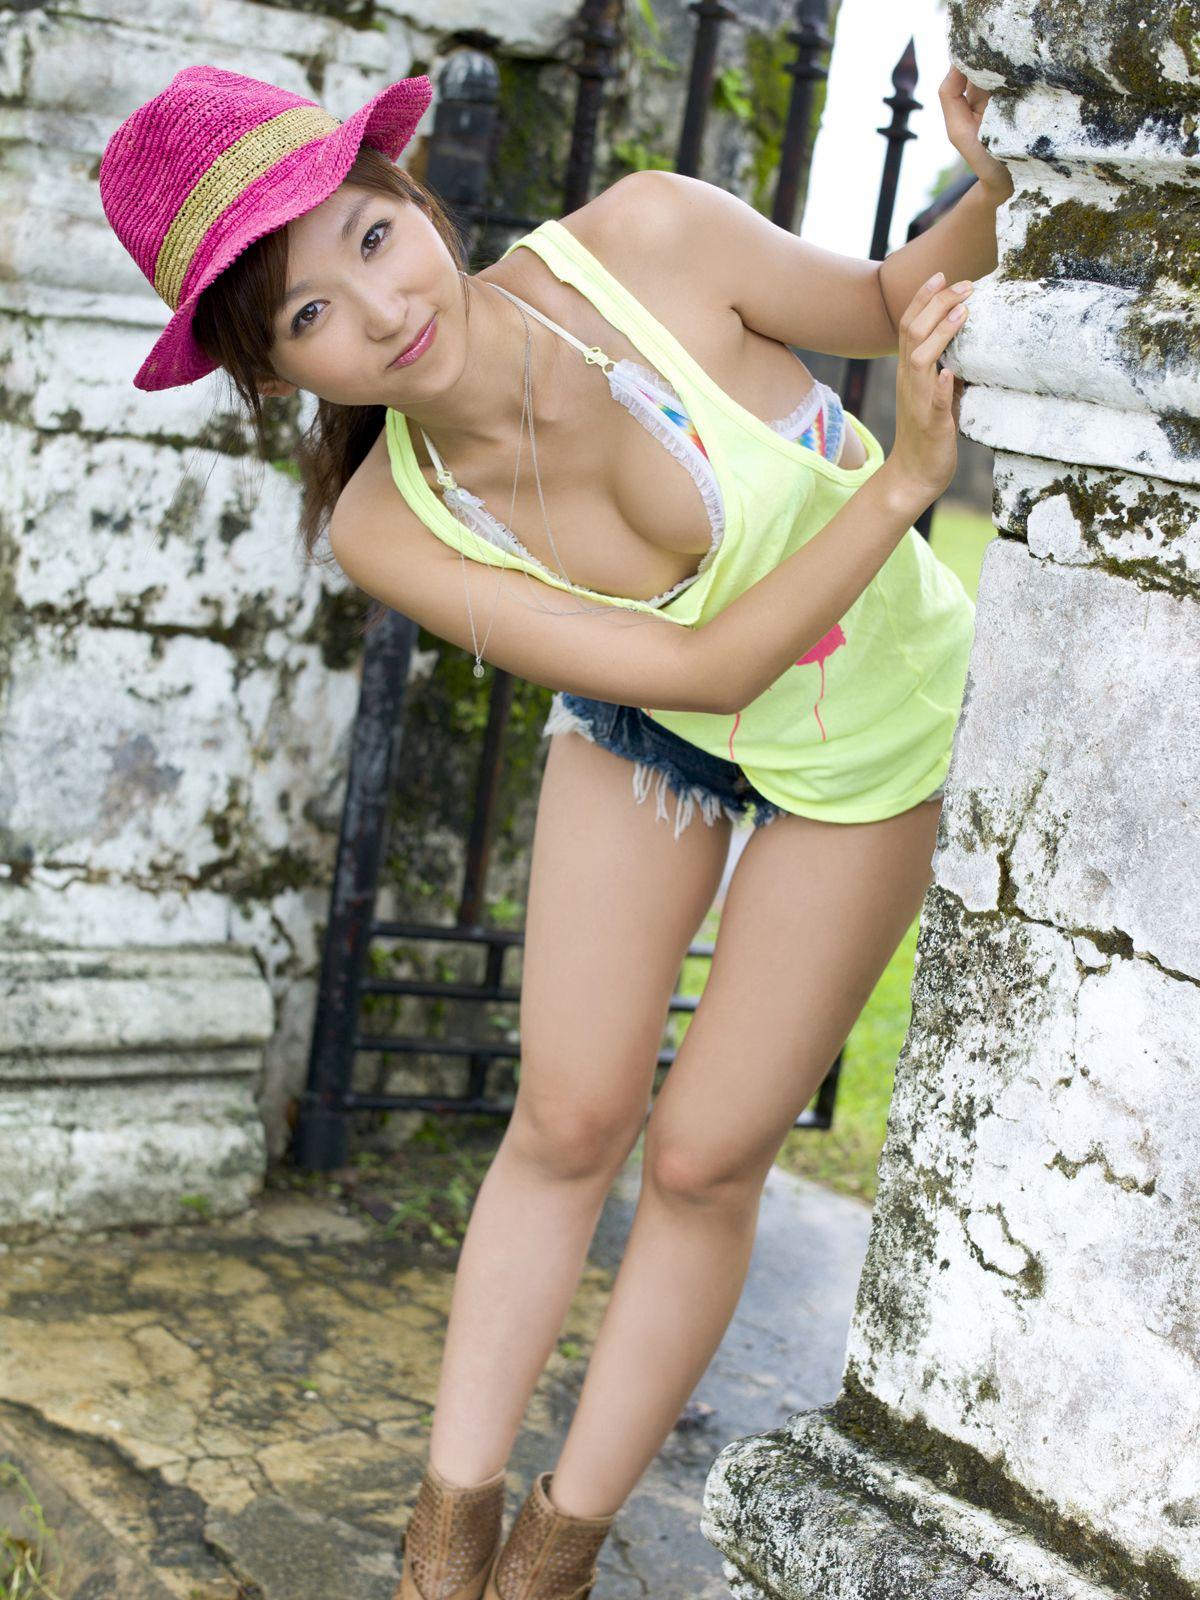 image http://scanlover.com/assets/images/4145-LpgOpBBoVX5VVAbR.jpeg